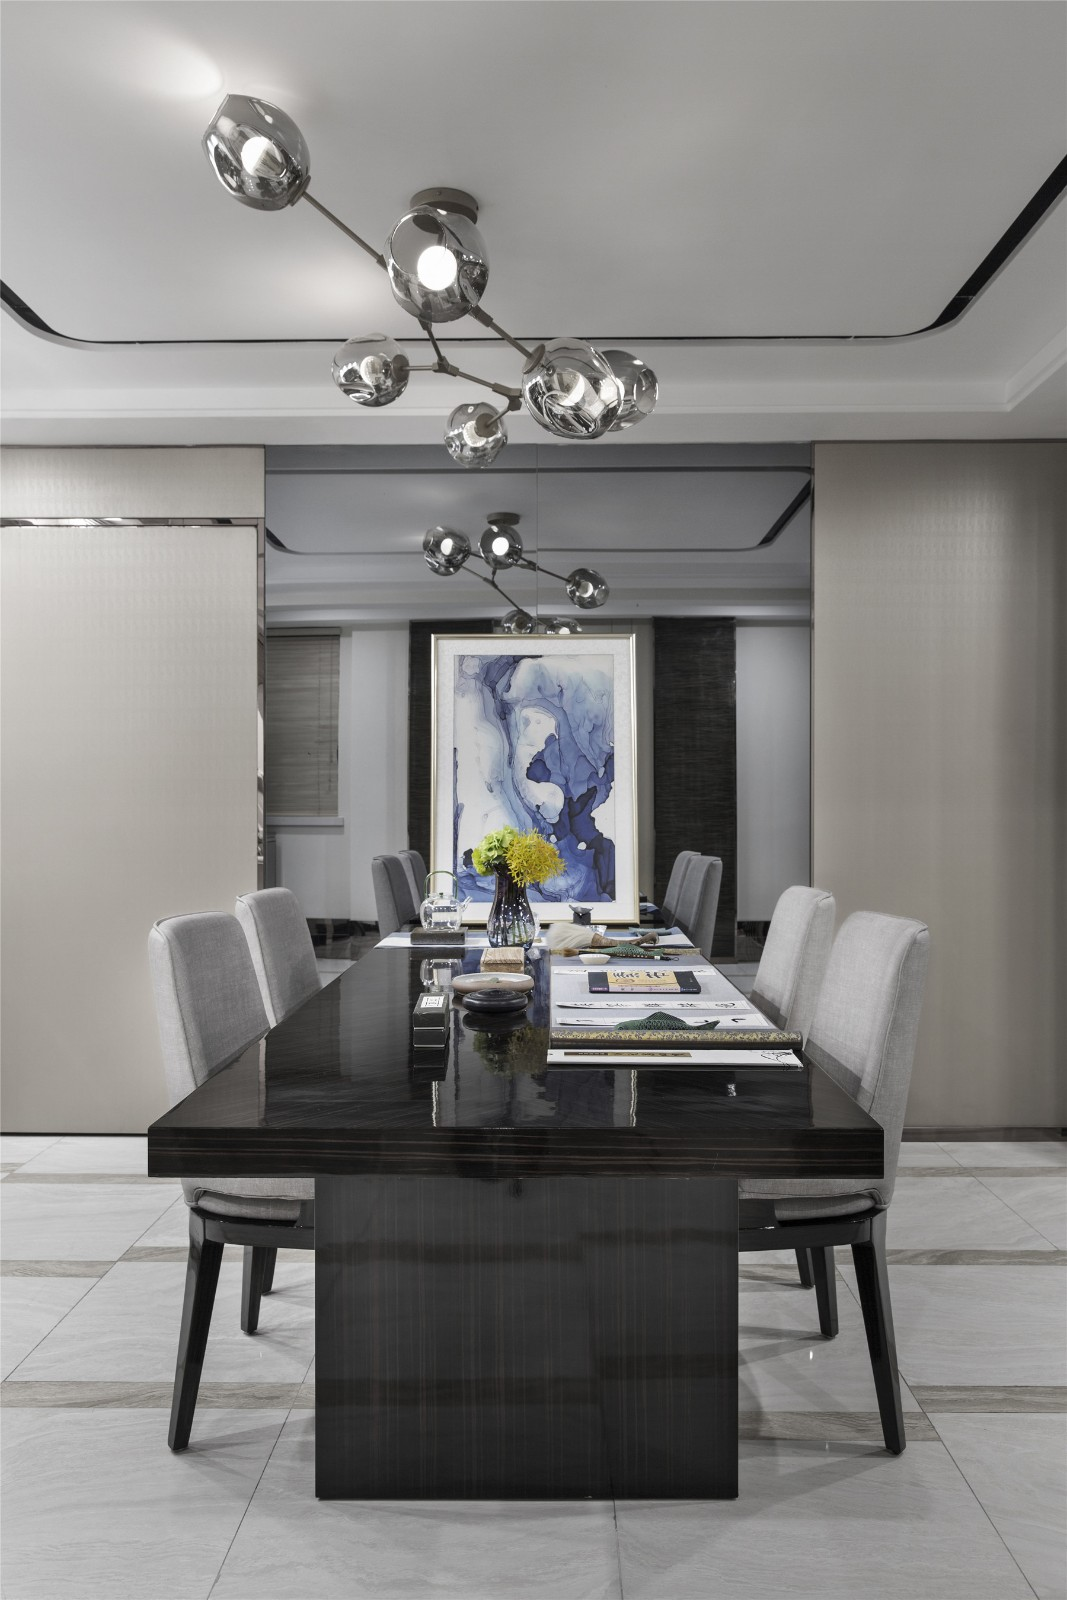 第二步:请为图片添加描述厨房现代简约餐厅设计图片赏析